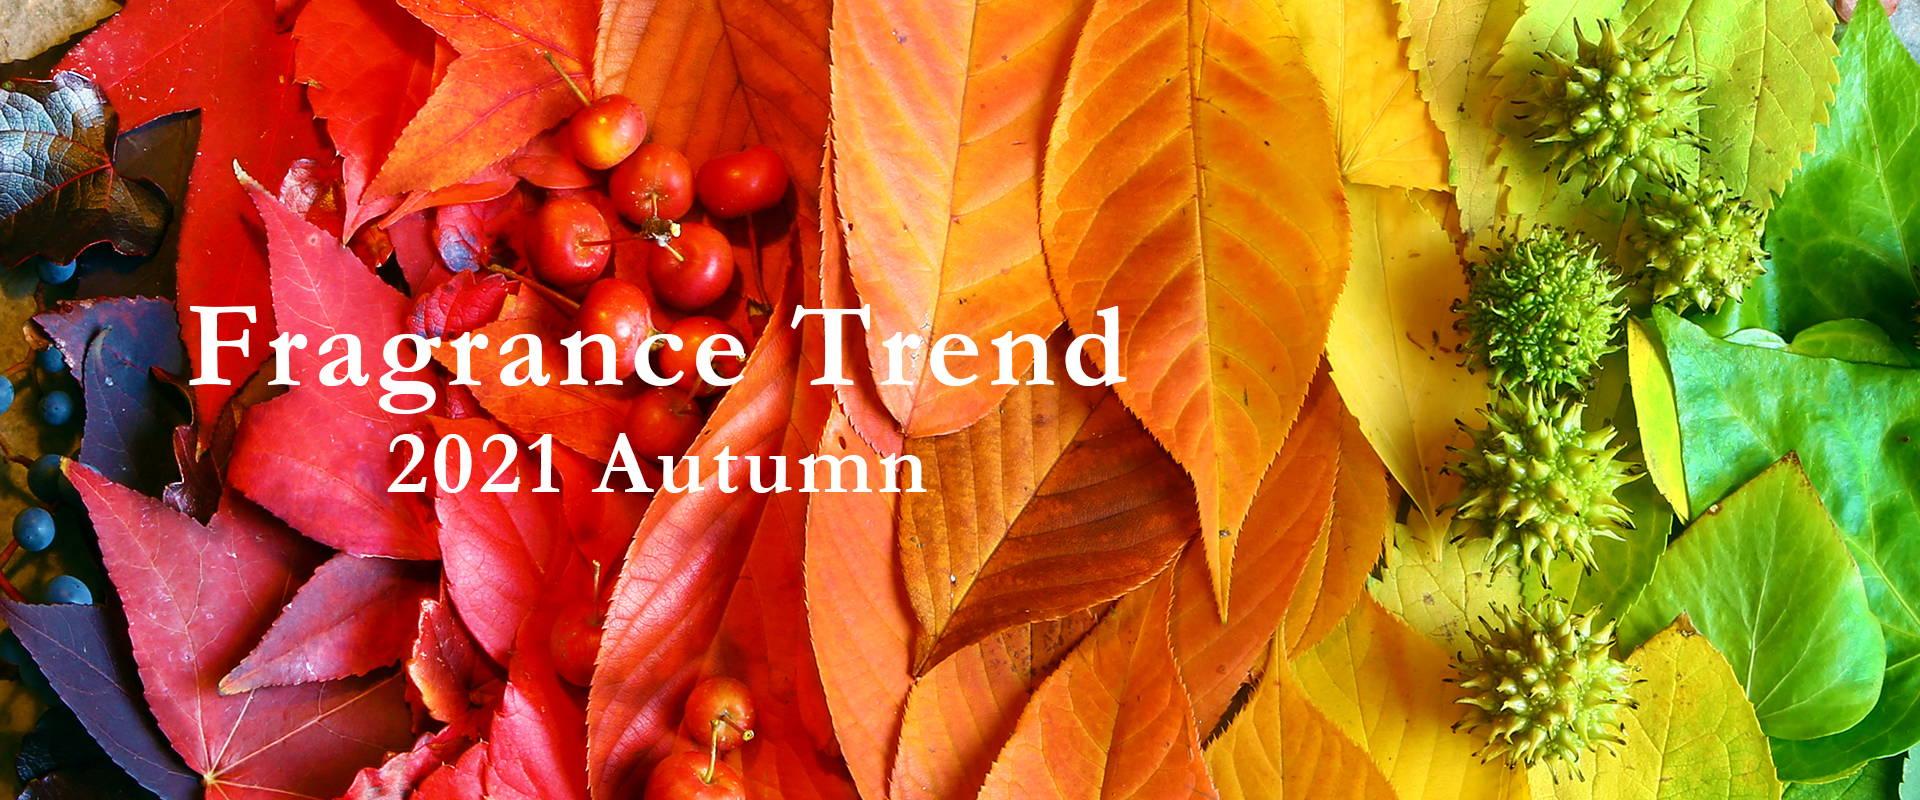 秋のおすすめフレグランストレンド|香水・フレグランス